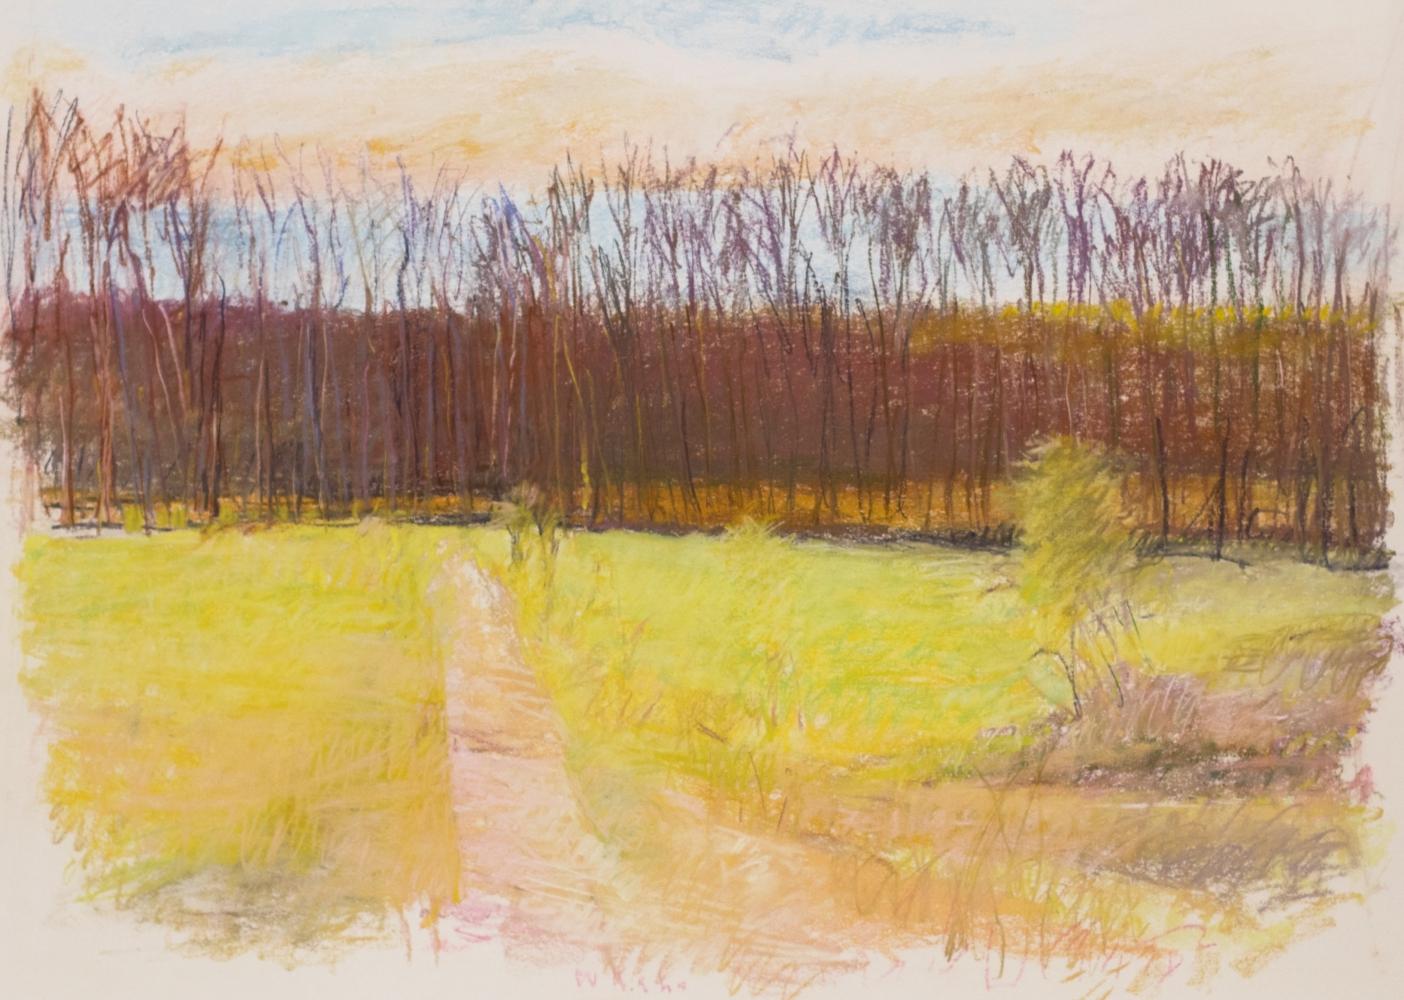 Uphill Path - Apple Pie Ridge, 1989,  Pastel on paper, 30 x 40 inches, Wolf Kahn art for sale, Wolf Kahn Landscape, Wolf Kahn Pastels